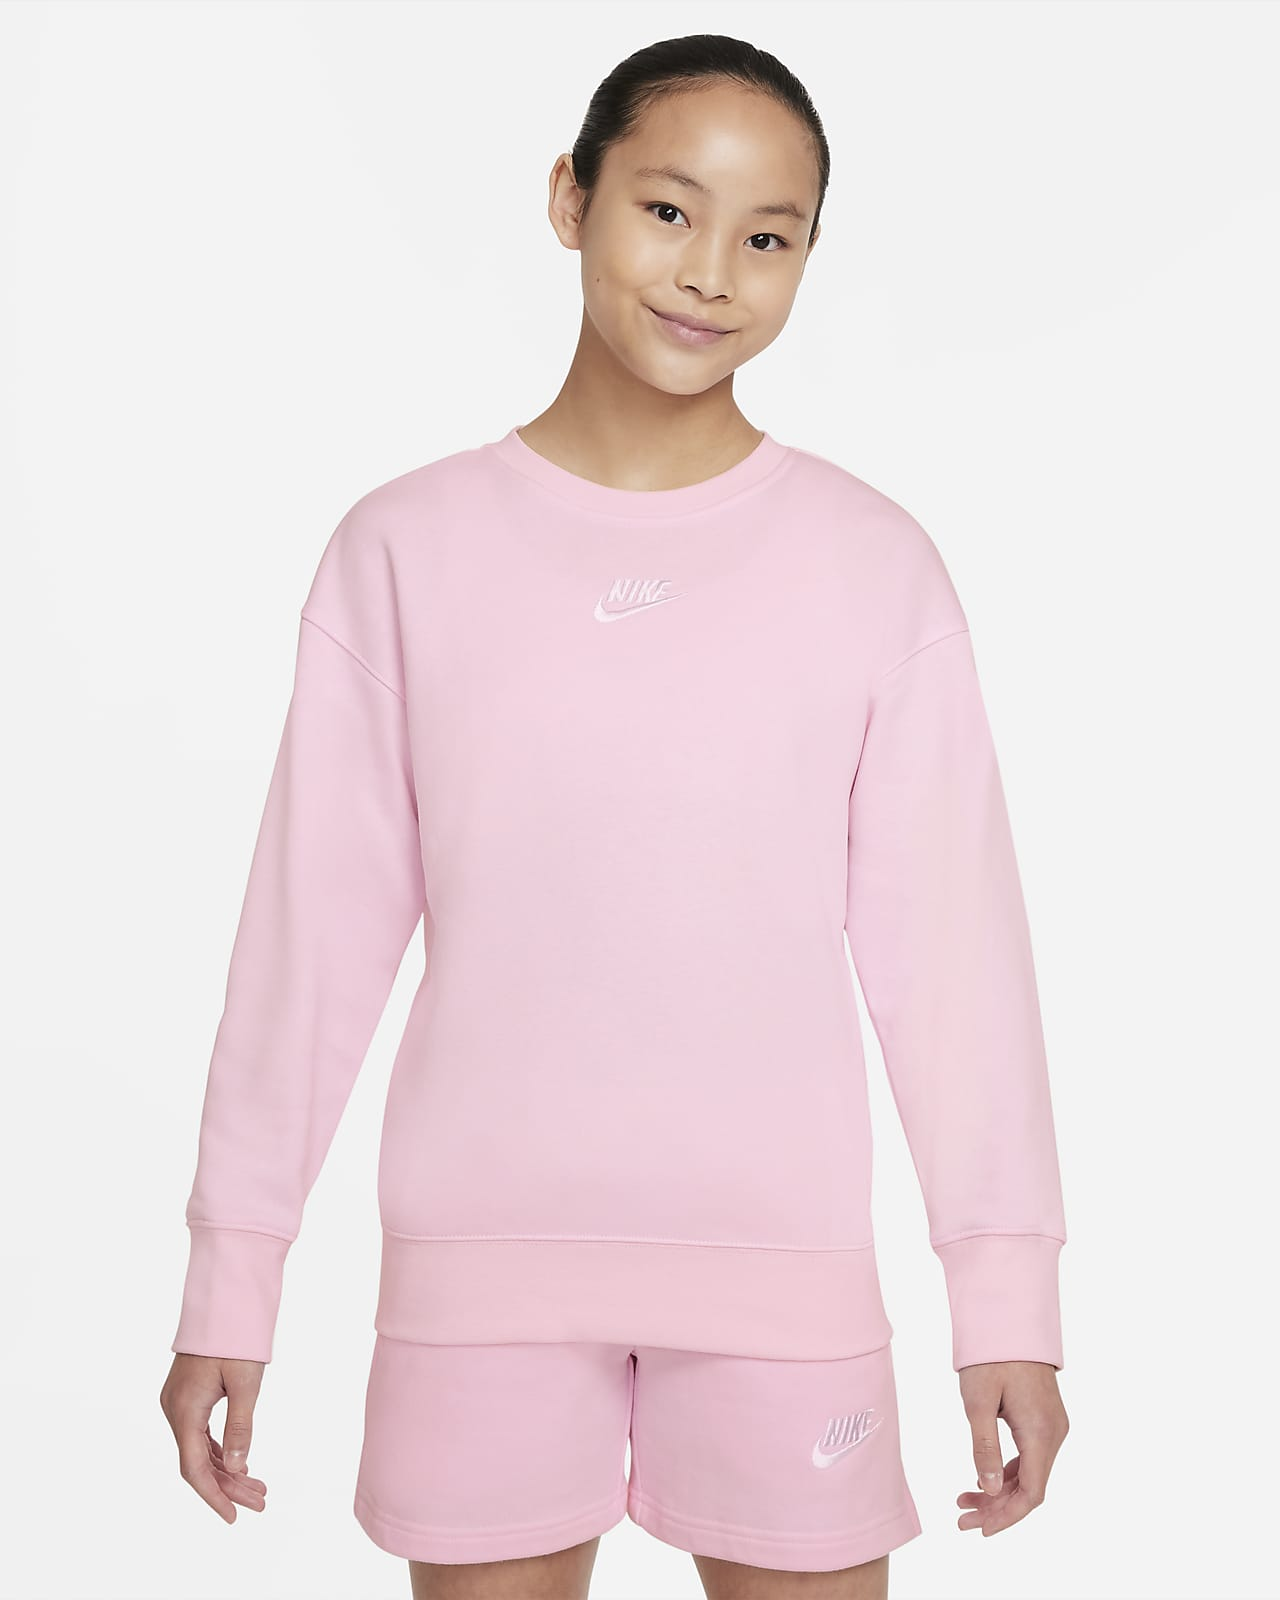 Sweatshirt Nike Sportswear Club Fleece Júnior (Rapariga)